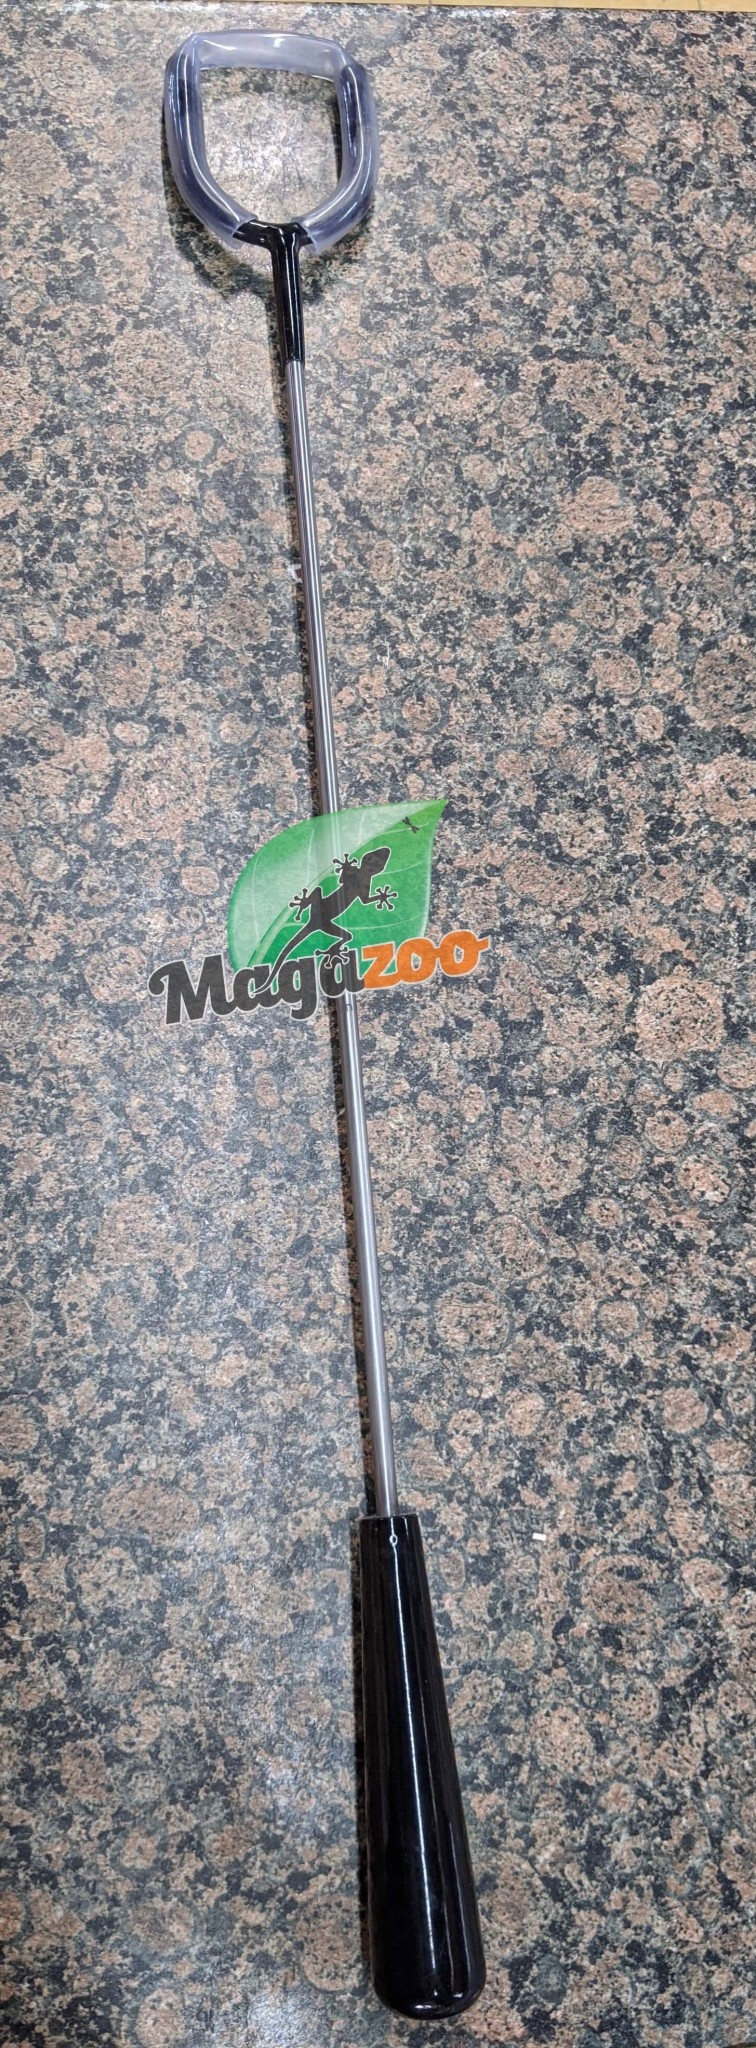 Magazoo Serpent pinner 24 po - Snake Pinner